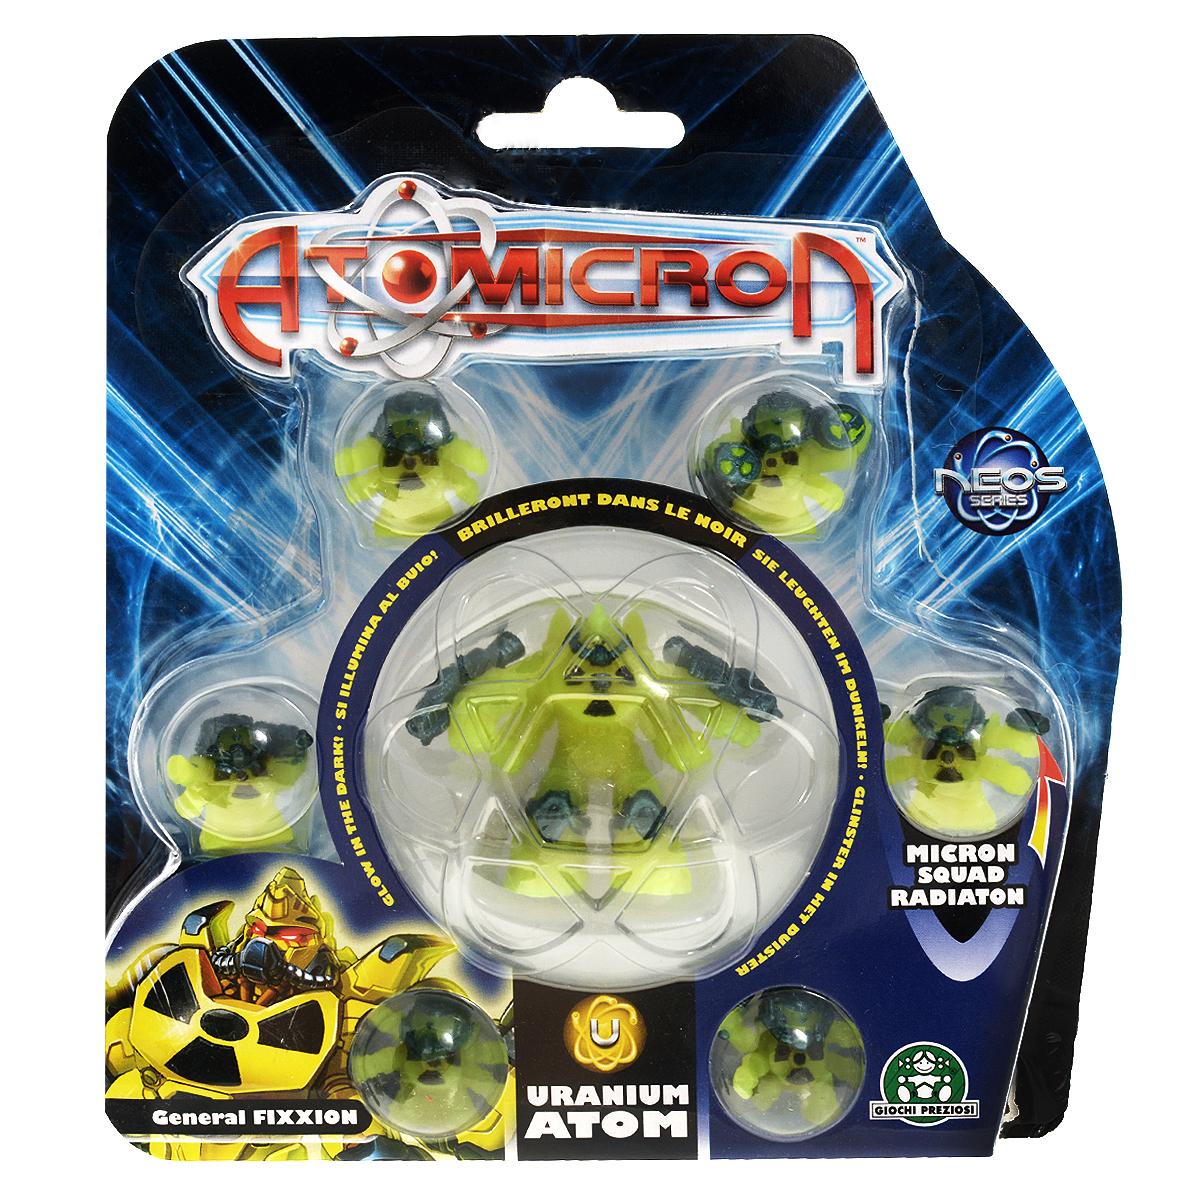 Набор фигурок Atomicron Uranium Atom, 7 штGPH18500Набор Atomicron Uranium Atom включает 7 пластиковых фигурок в виде 6 солдат и мощного генерала, принадлежащих армии Урана. Фигурки светятся в темноте. В Atomicron персонажи представлены классами химических элементов и их противоположностей. Таким образом, дети знакомятся с миром химии посредством увлекательной игры! Соберите все армии союзов Материи и их грозных противников - Антиматерии, чтобы устроить эпичное миниатюрное сражение за мир и порядок во вселенной!